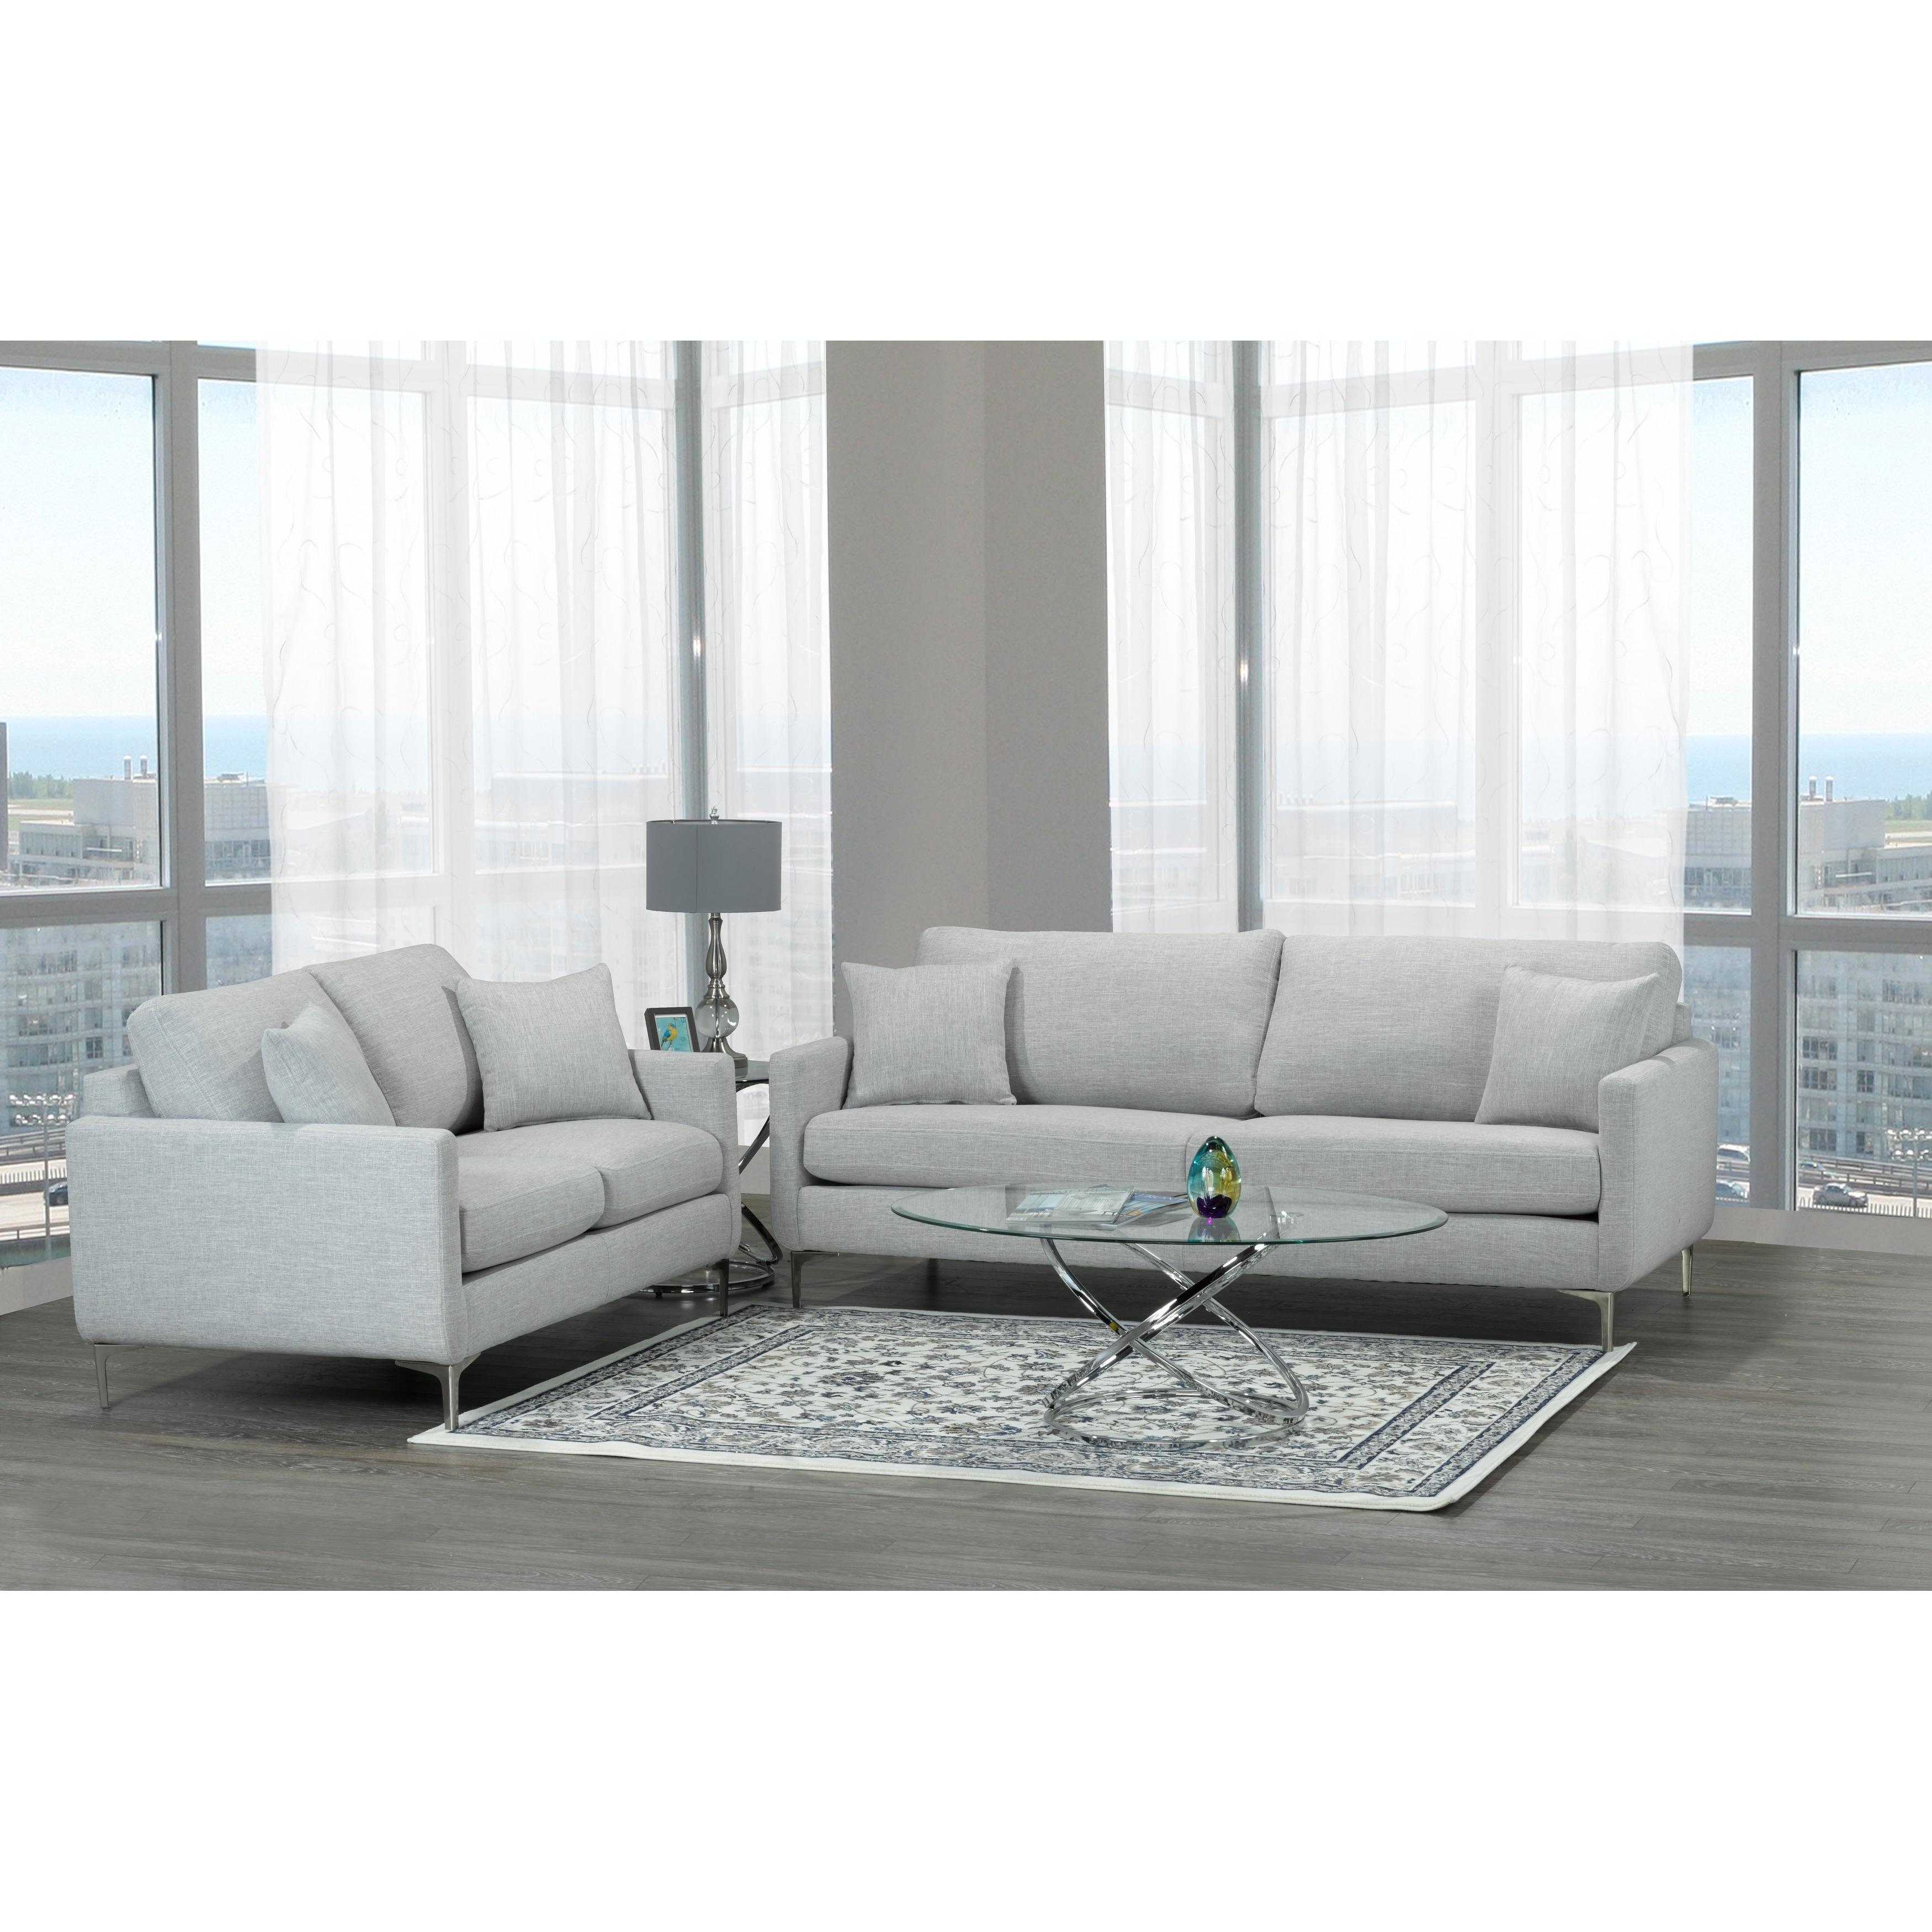 Künstlerisch Sofa Rose Beste Wahl Shop Mid Century Modern Grey Fabric And